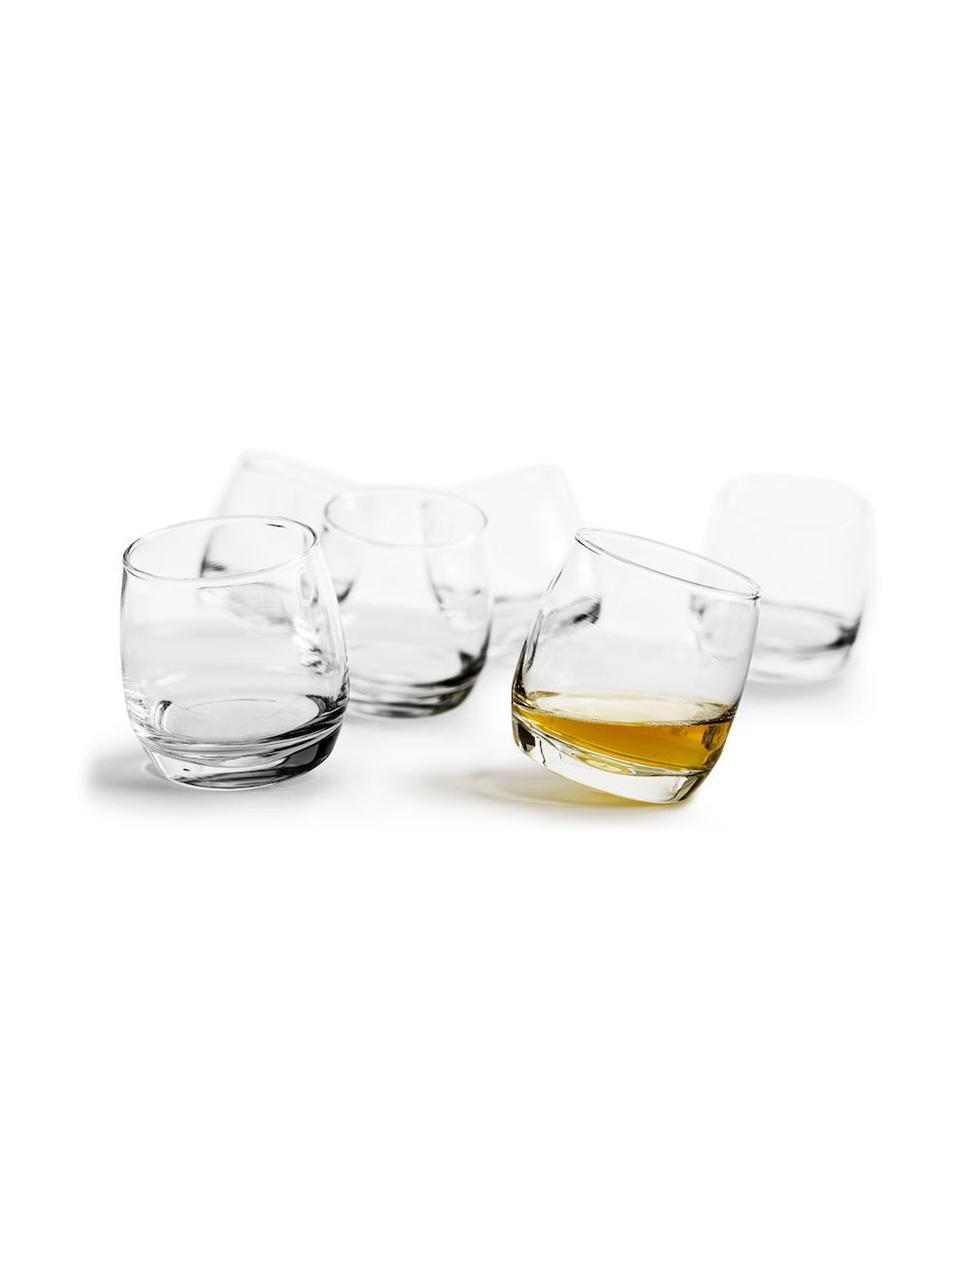 Whiskygläser Rocking mit rundem Boden, 6 Stück, Mundgeblasenes Glas, Transparent, Ø 7 x H 9 cm